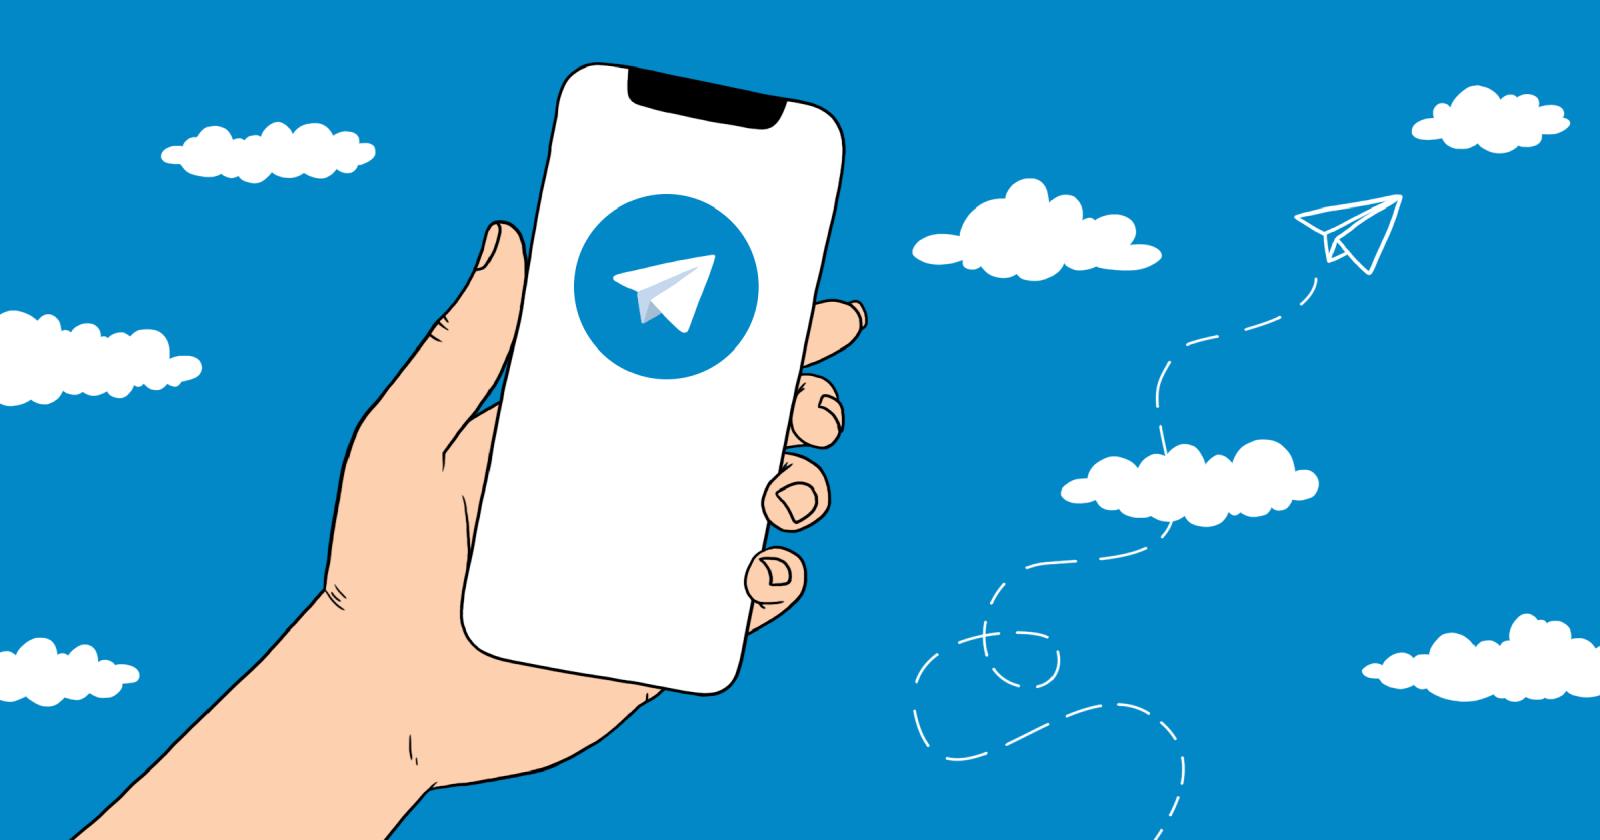 НМГ назвала Telegram главным видеопиратом